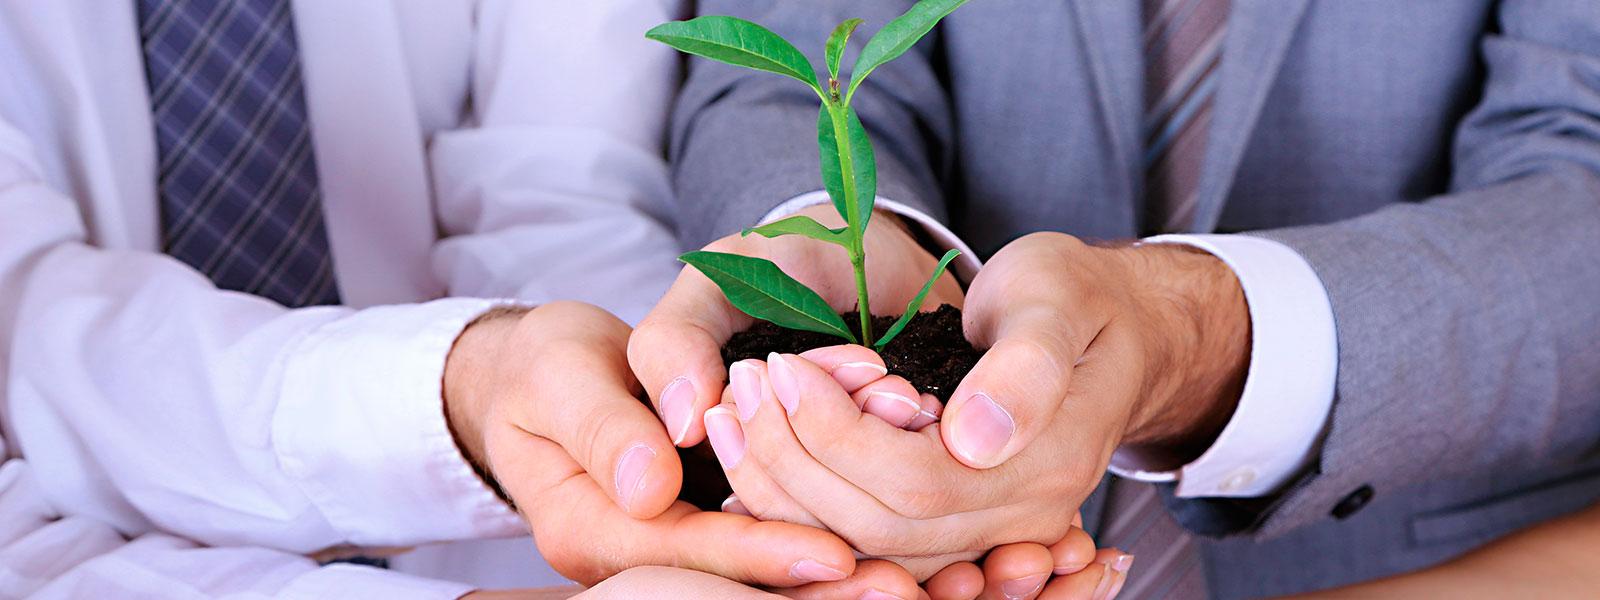 endutex-sustentabilidade